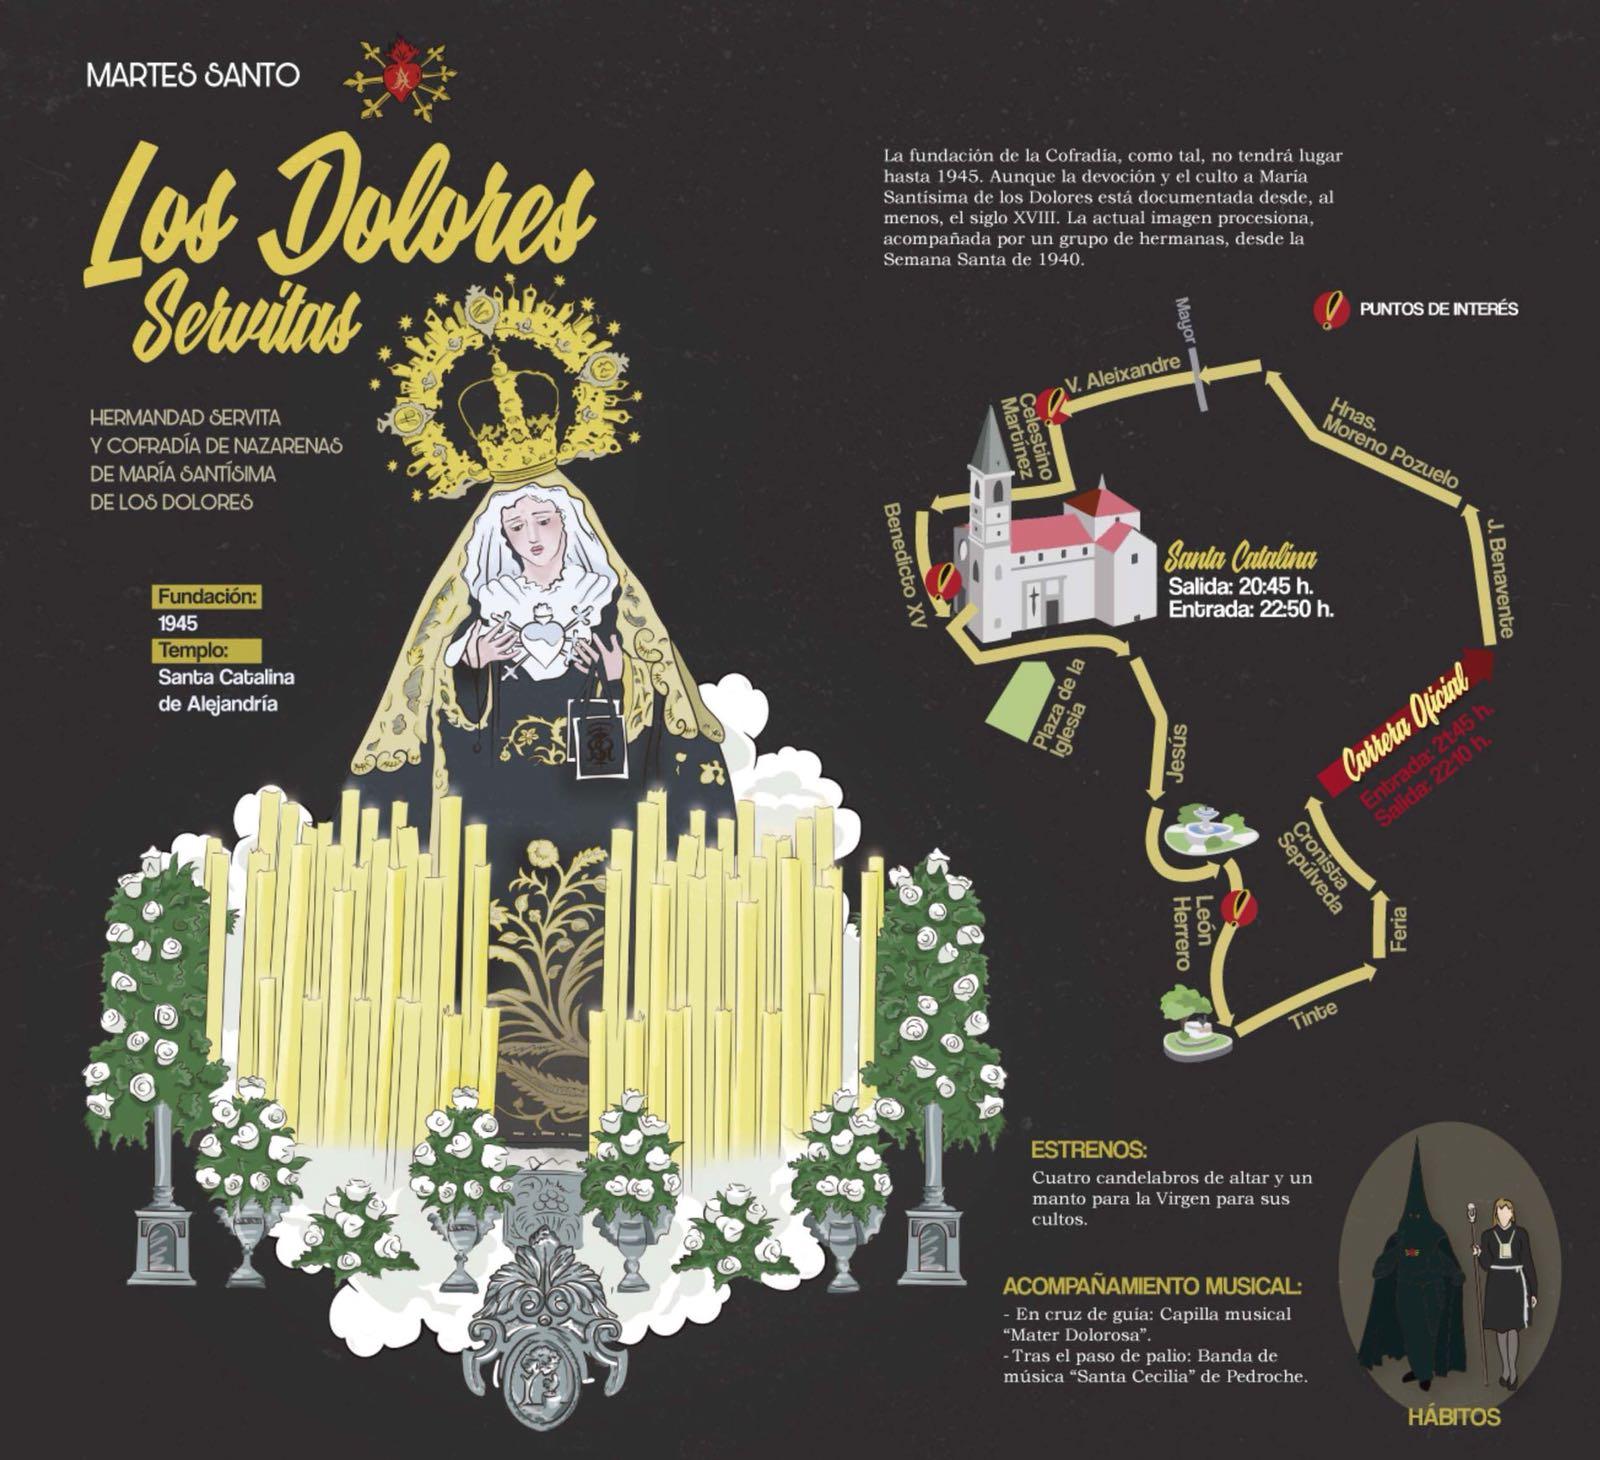 Martes Santo - Los Dolores Servitas